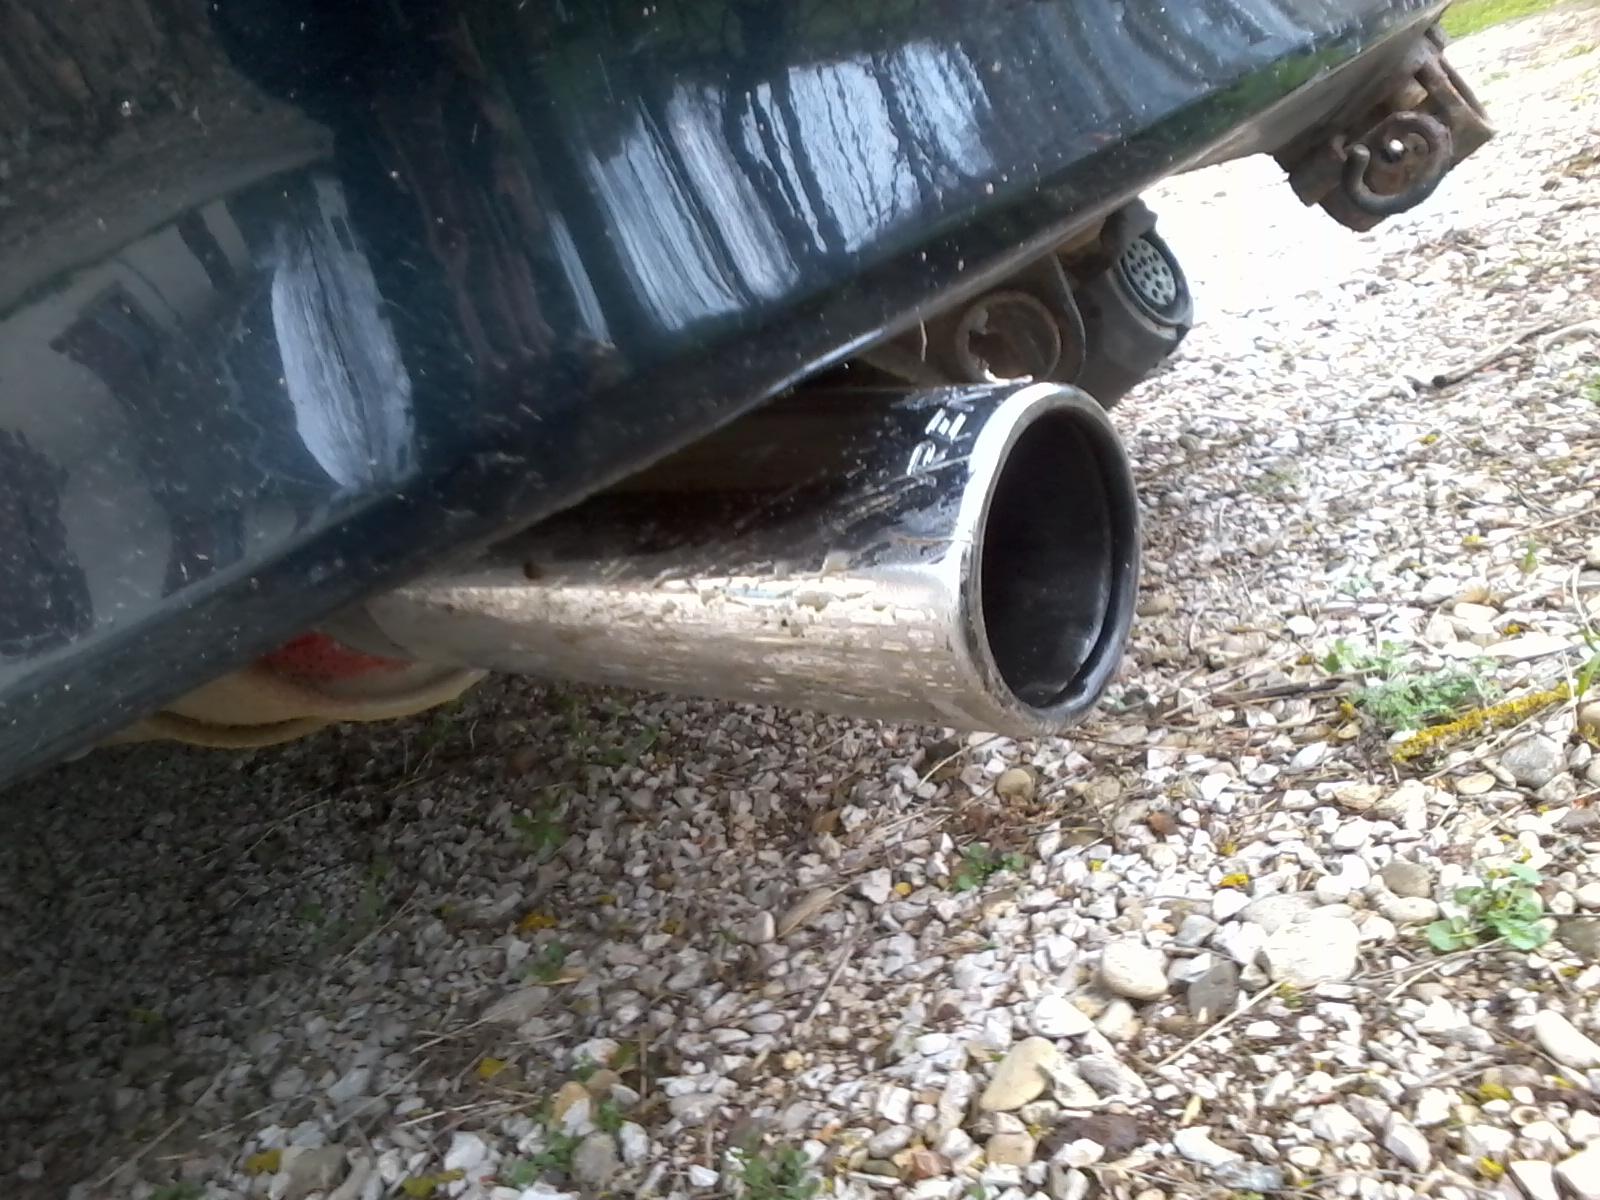 Présentation de ma nouvelle voiture, une Peugeot 405 Signature. 837054Photo0658